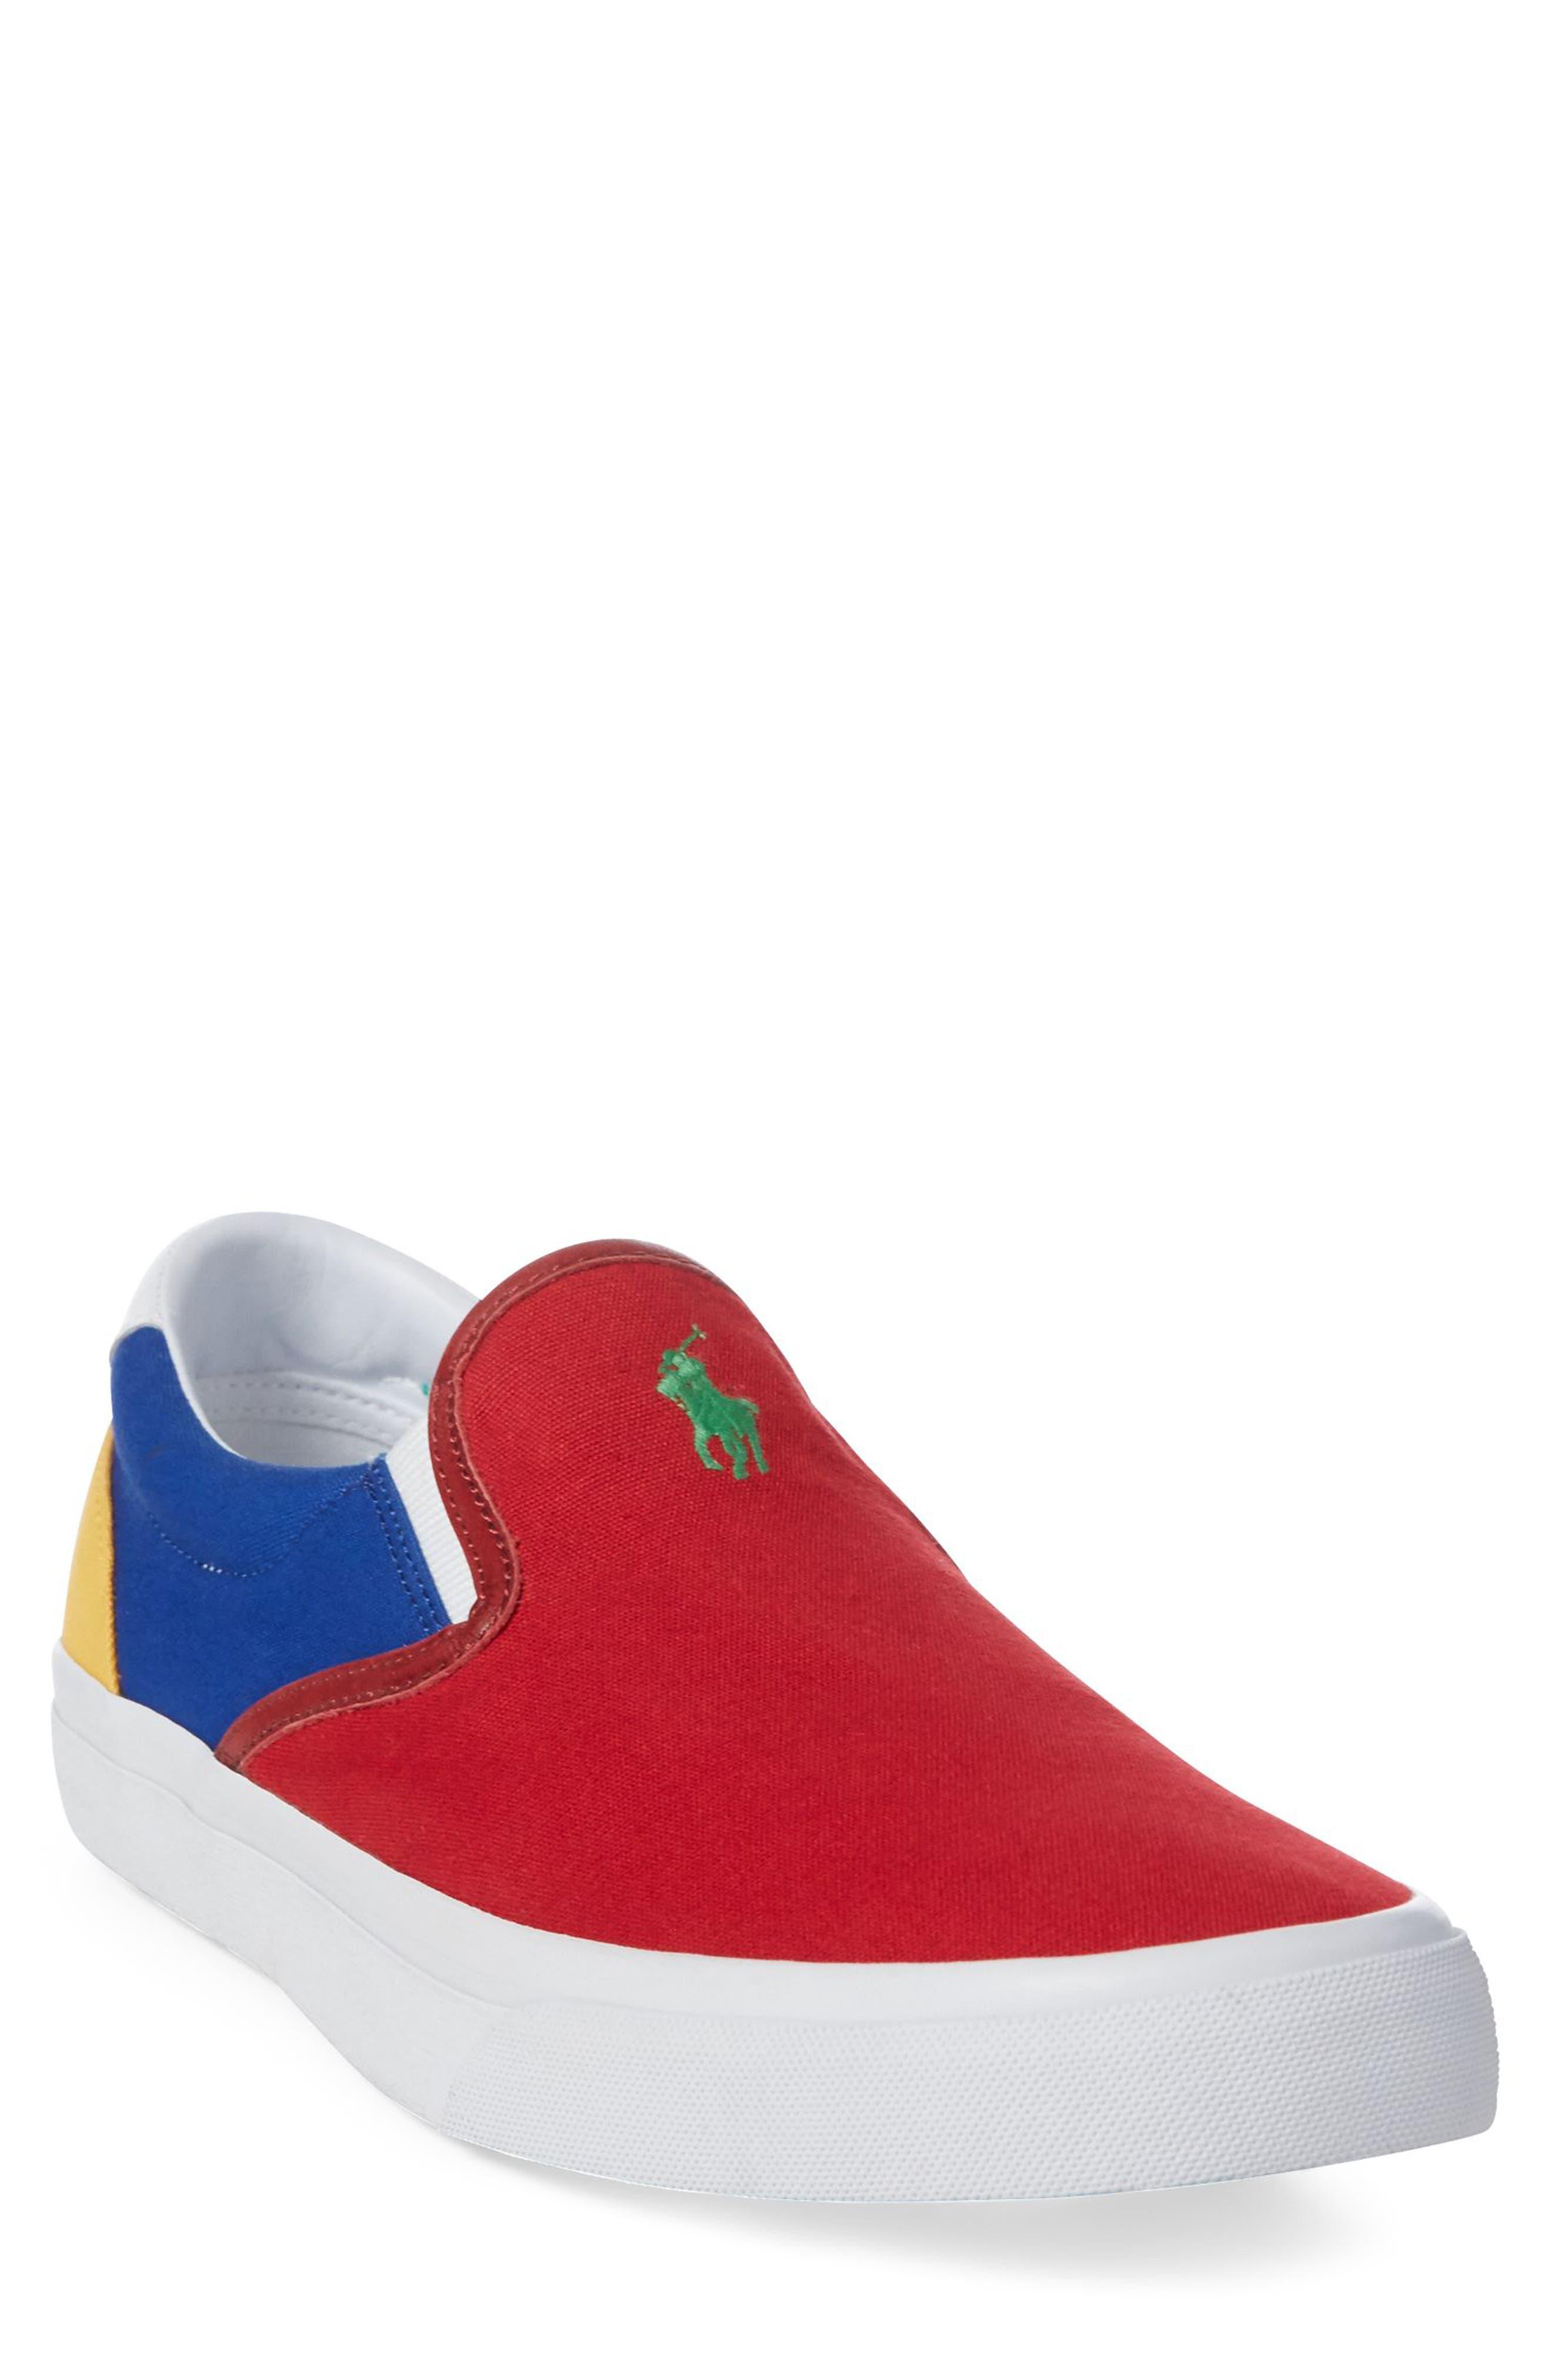 Polo Ralph Lauren Thompson Slip-On (Men